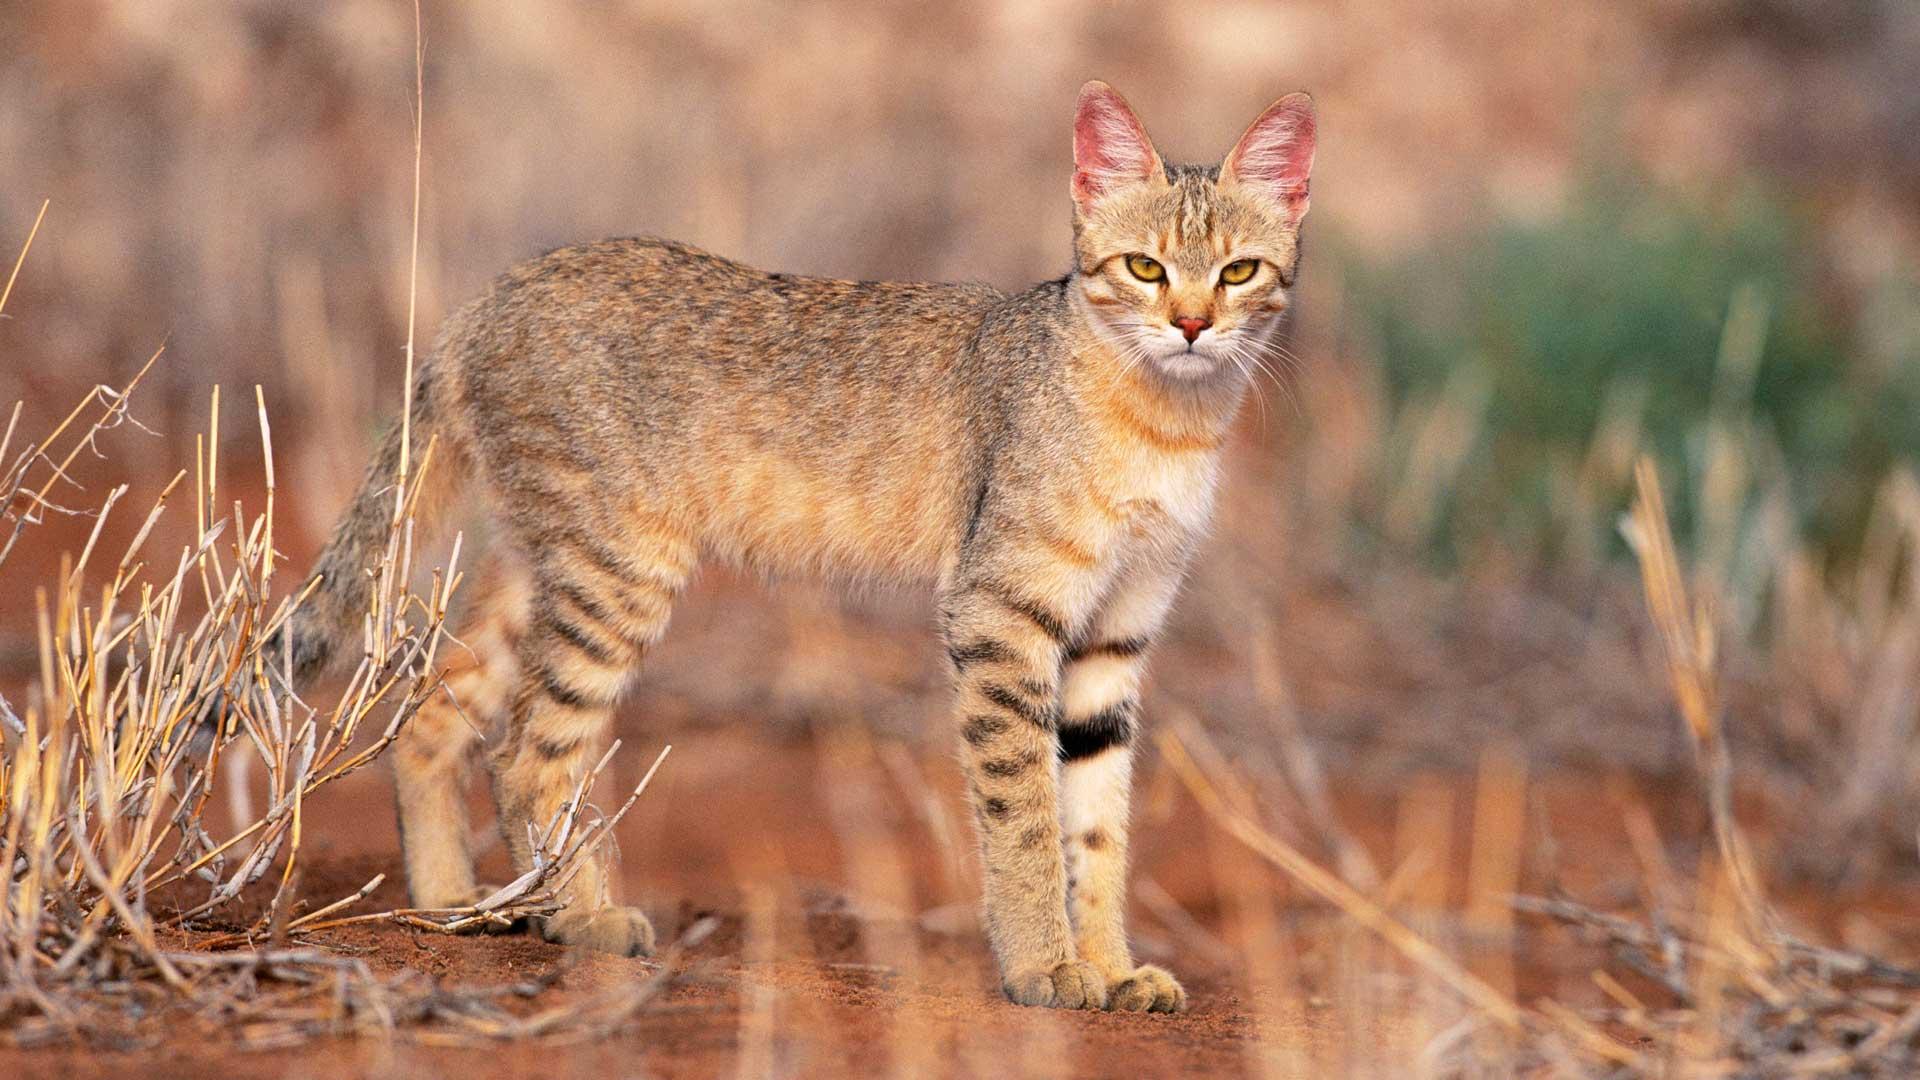 Afrikanische Wildkatzen, Falbkatzen: Von ihnen stammen unsere Hauskatzen ab.